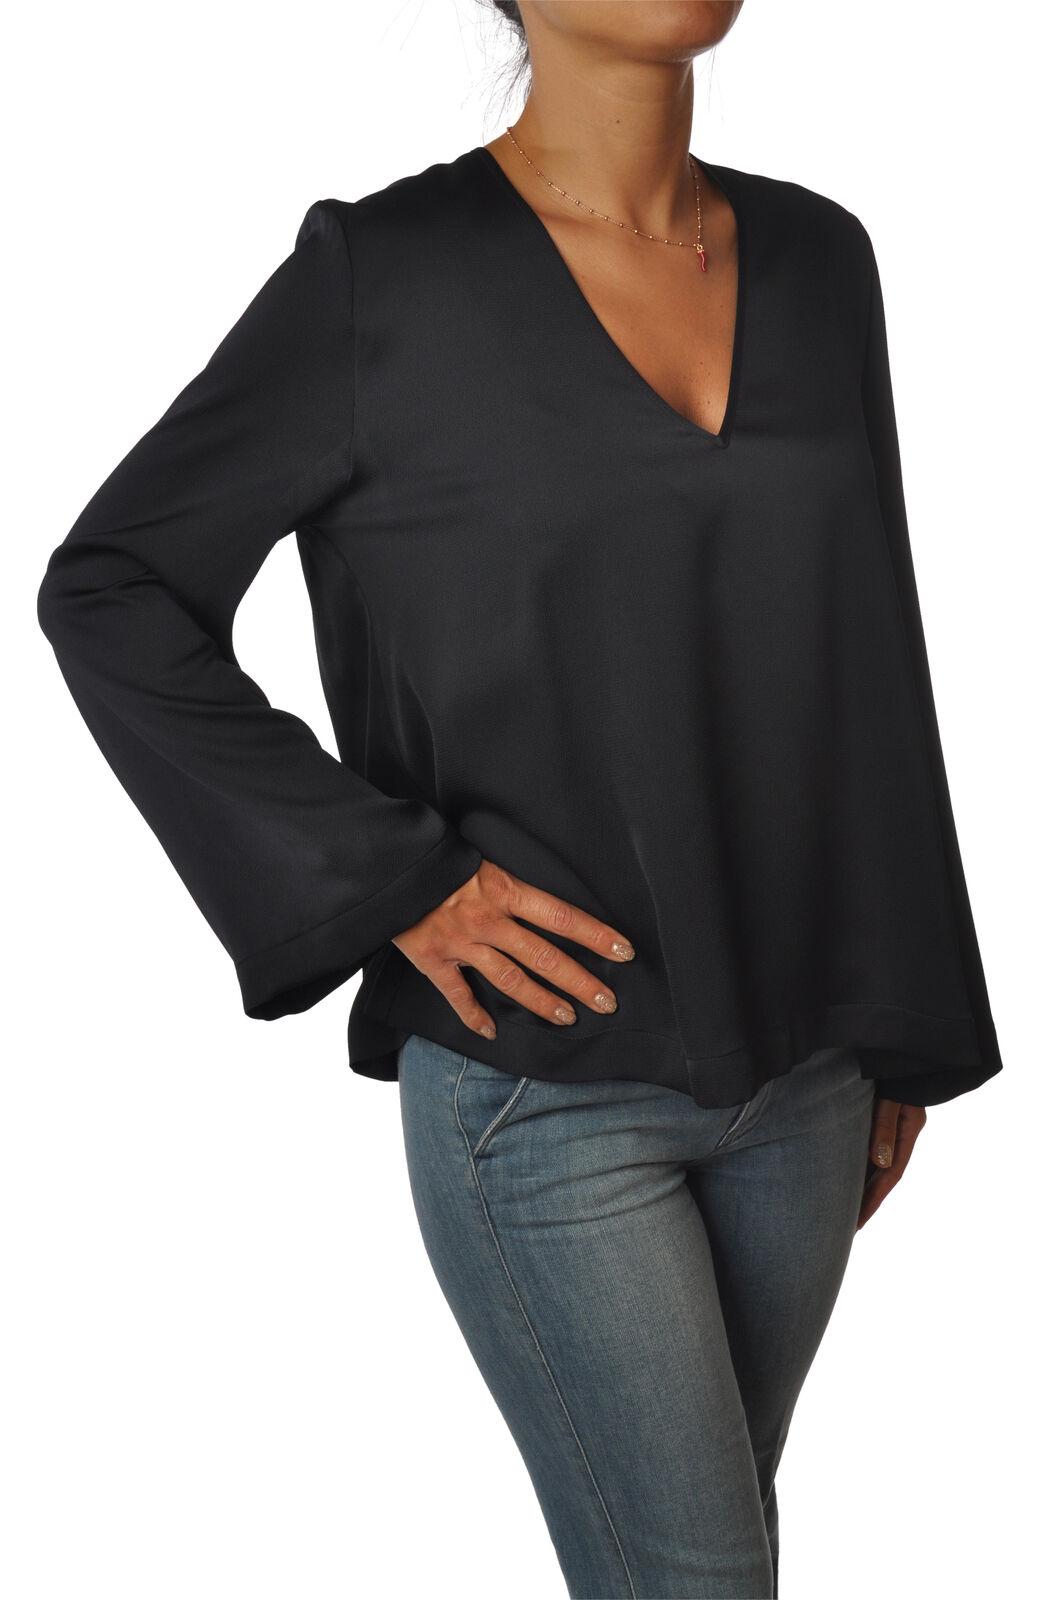 Rame - Shirts-Blouses - Woman - Blau - 5518412D190653